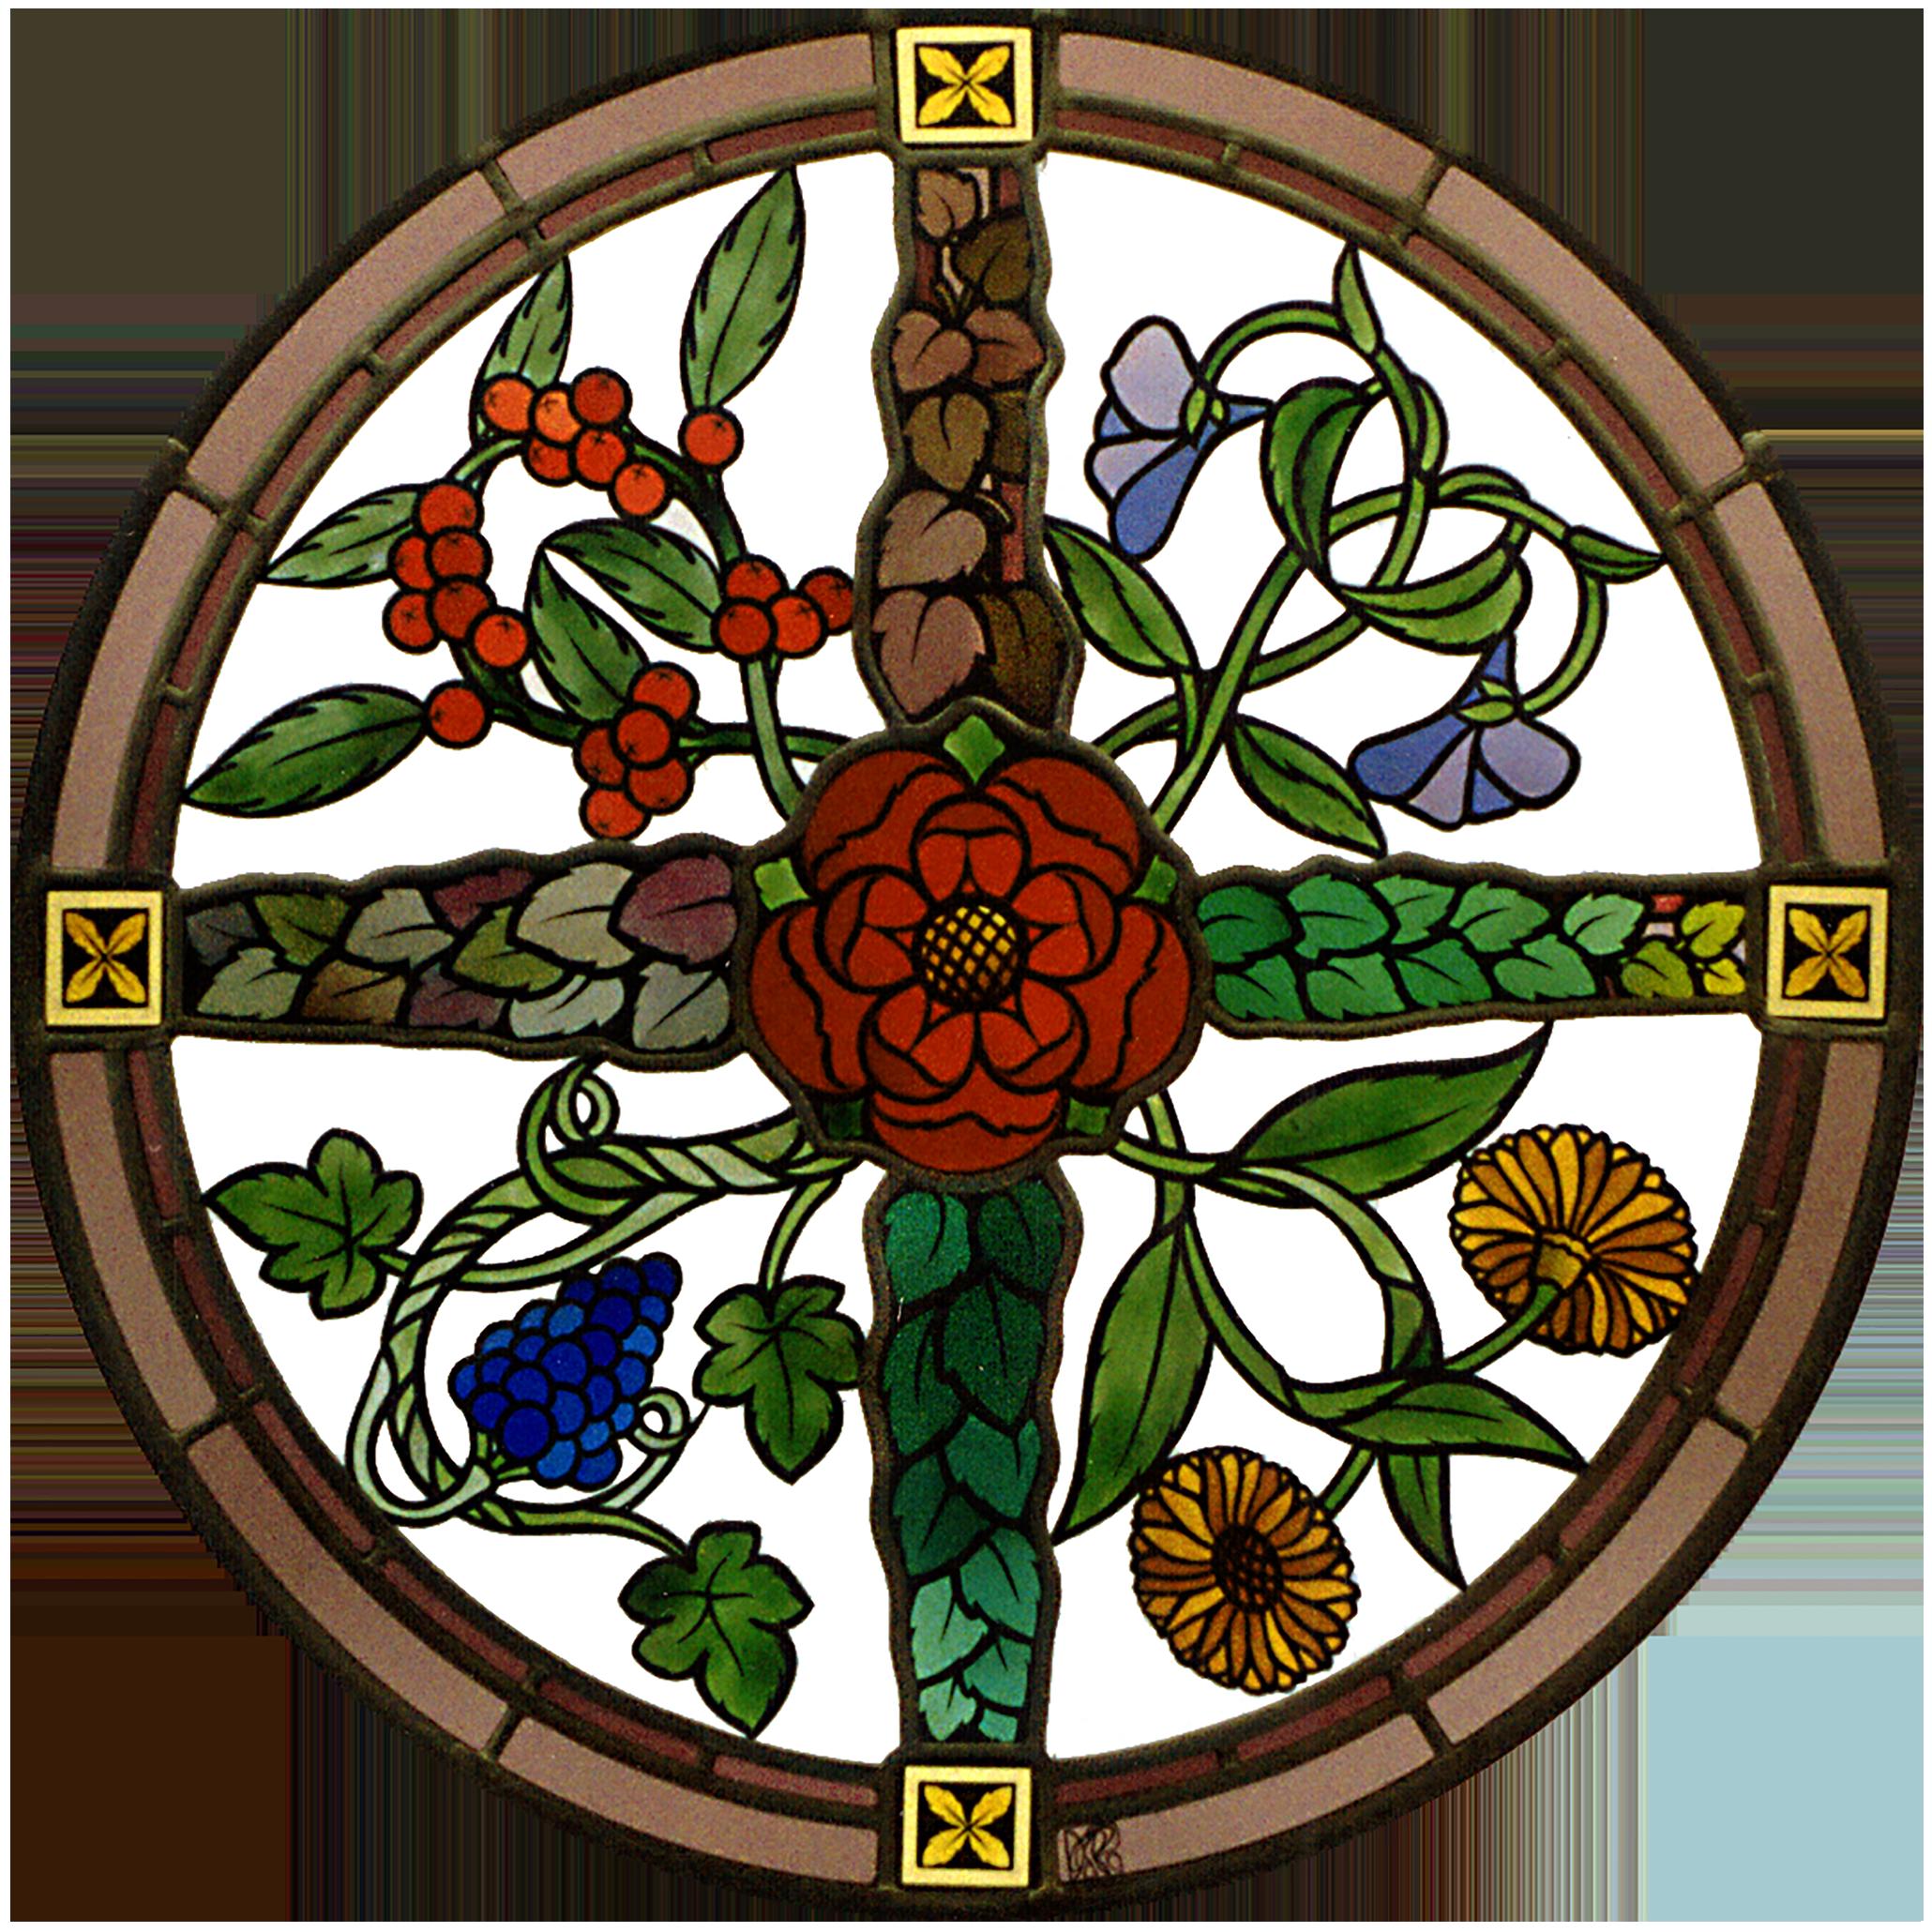 Wappenscheibe vier Jahreszeiten-Glasmalerei-Bleiverglasung-Glasdesign